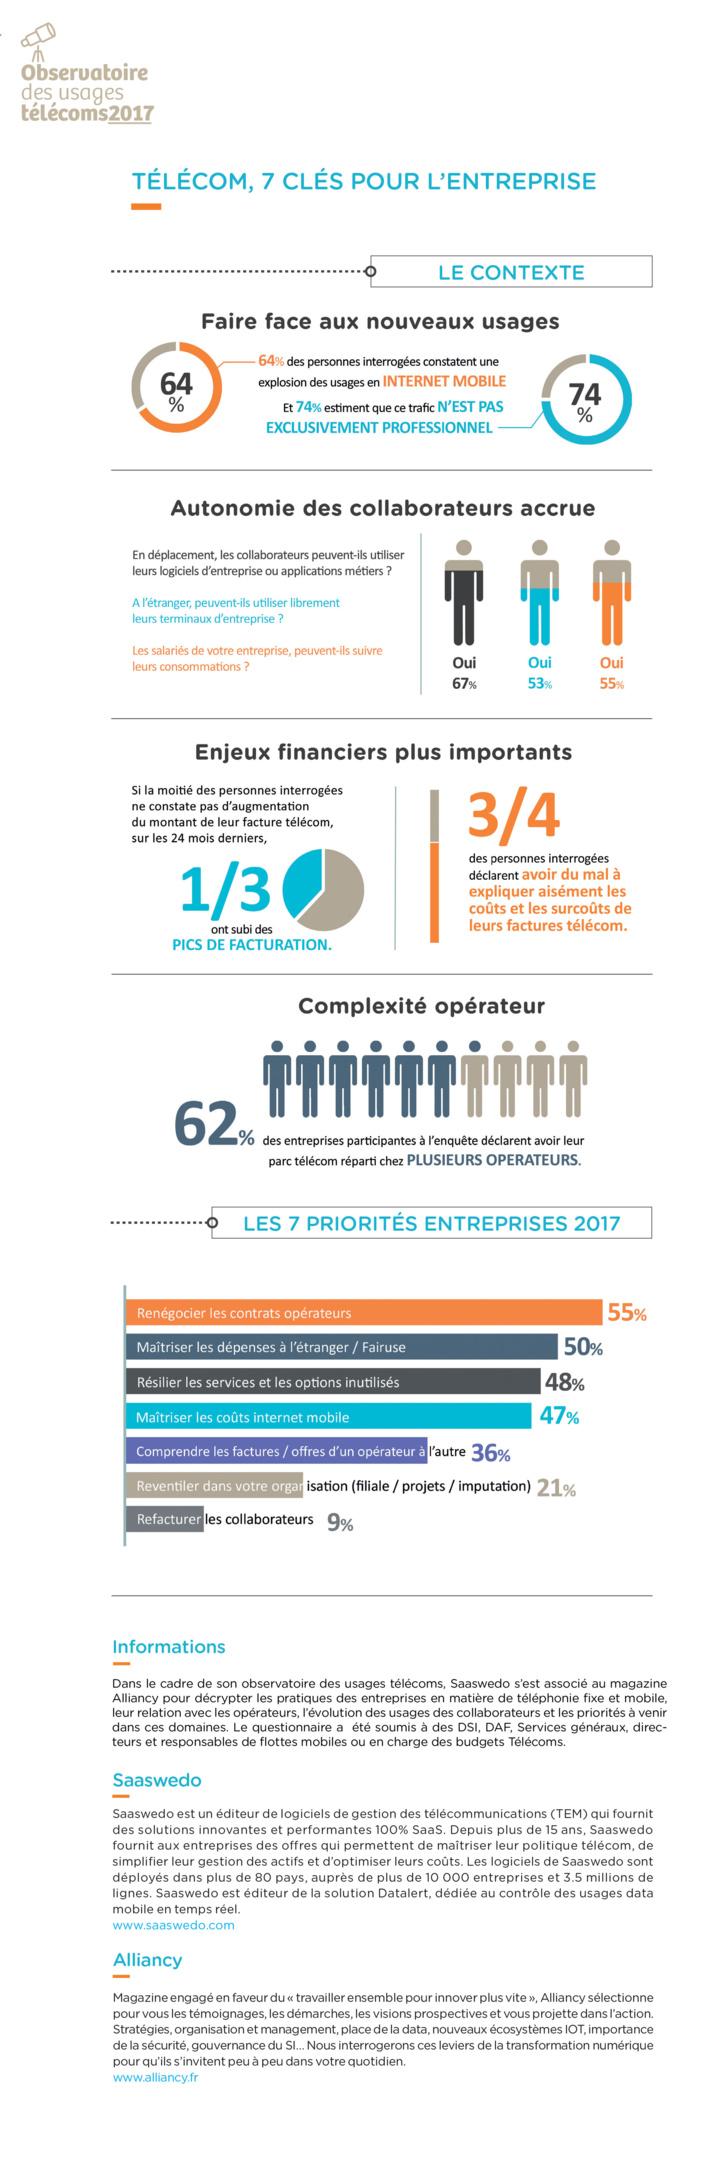 Infographie : Télécom, 7 clés pour l'entreprise